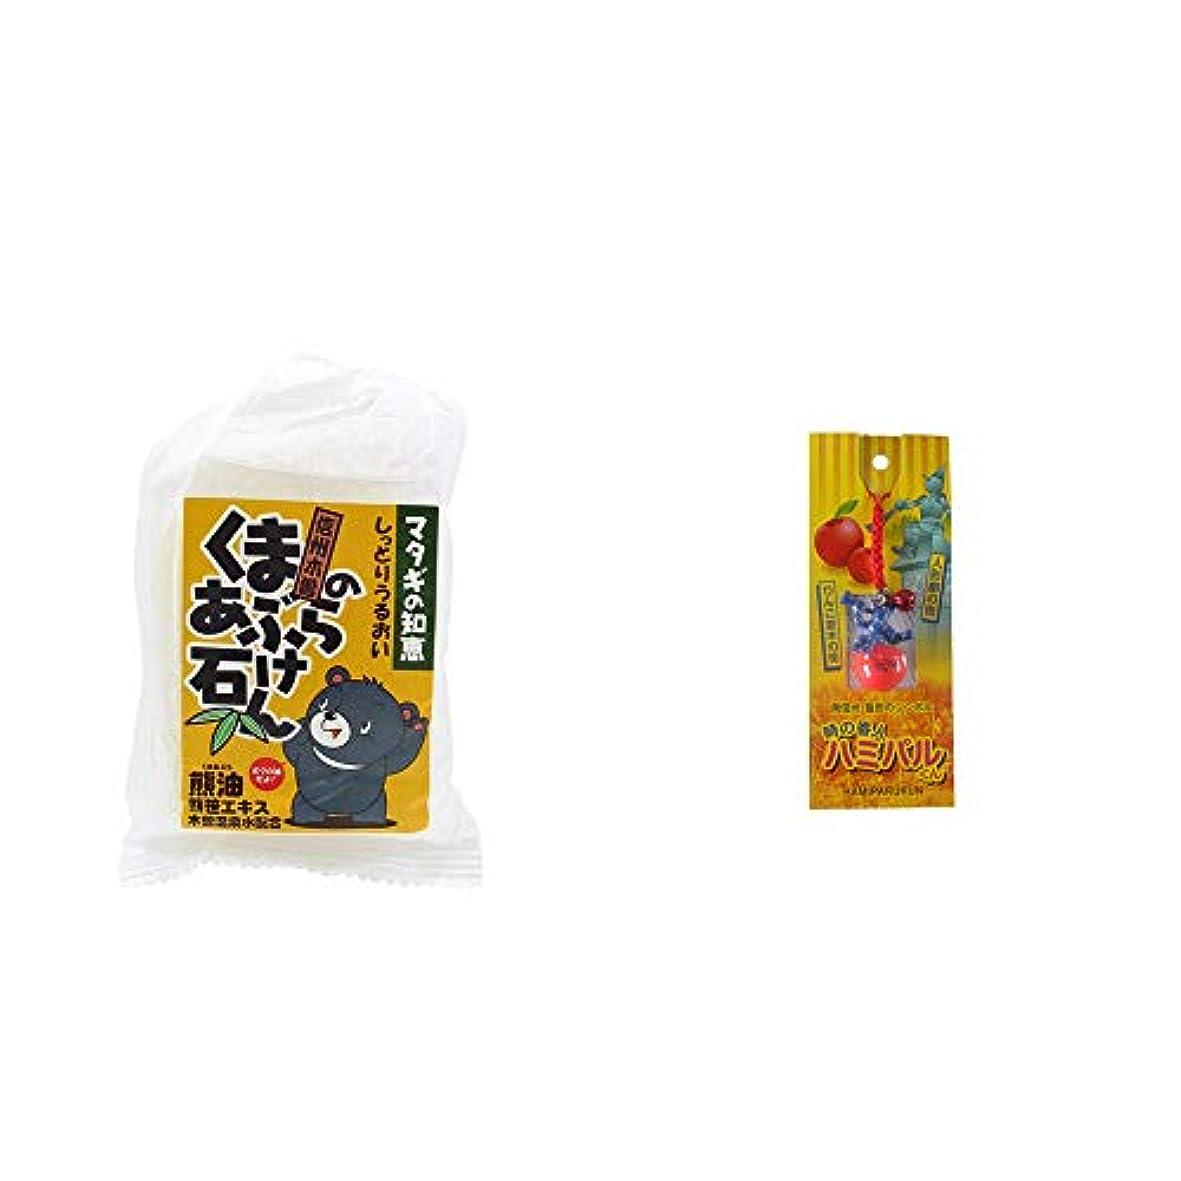 豆丘振る[2点セット] 信州木曽 くまのあぶら石けん(80g)?信州?飯田のシンボル 時の番人ハミパルくんストラップ